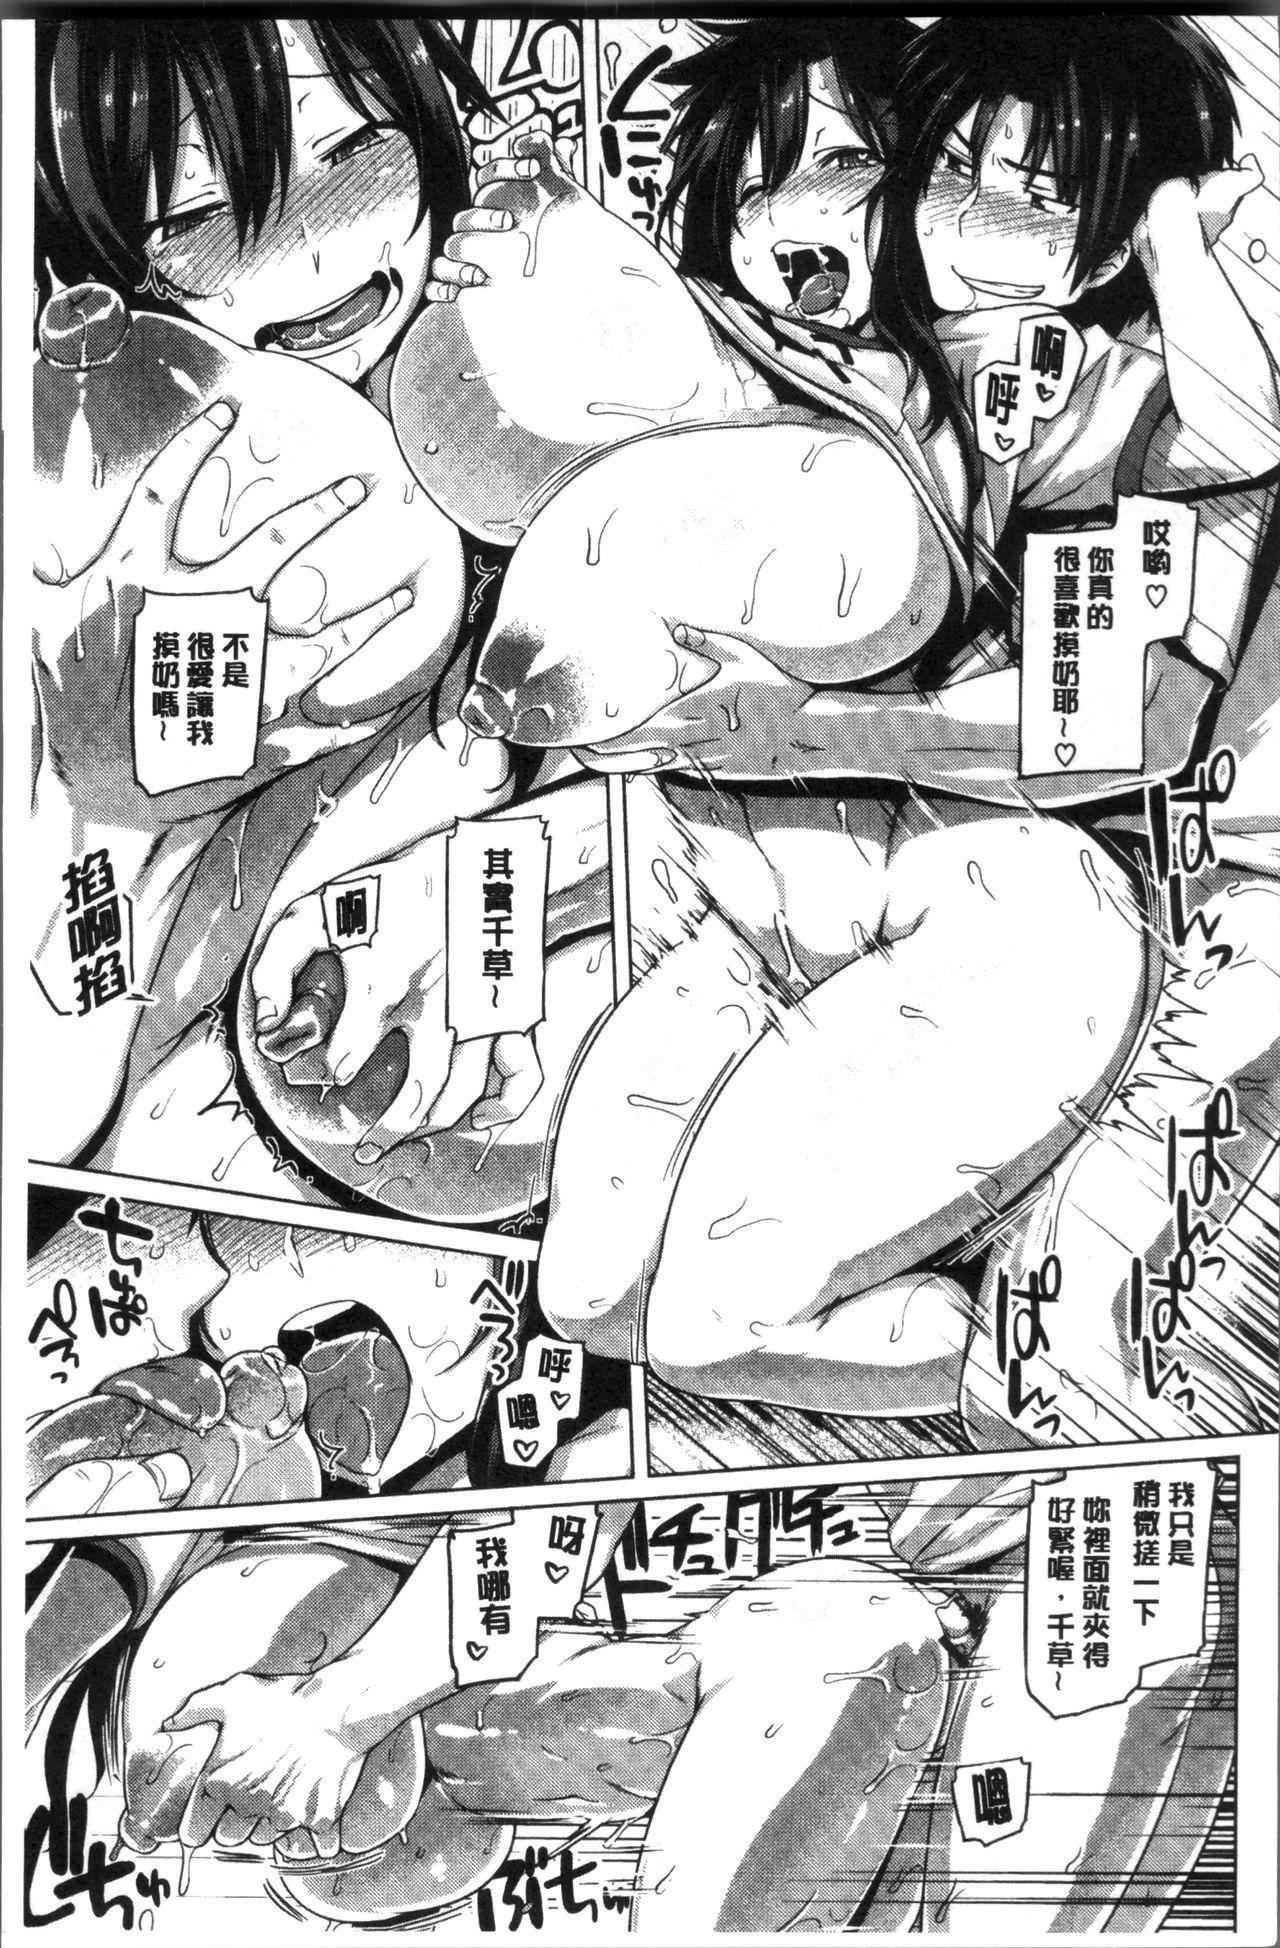 Chichi Shiri Futomomo | 柔乳嫩尻性感美腿 138